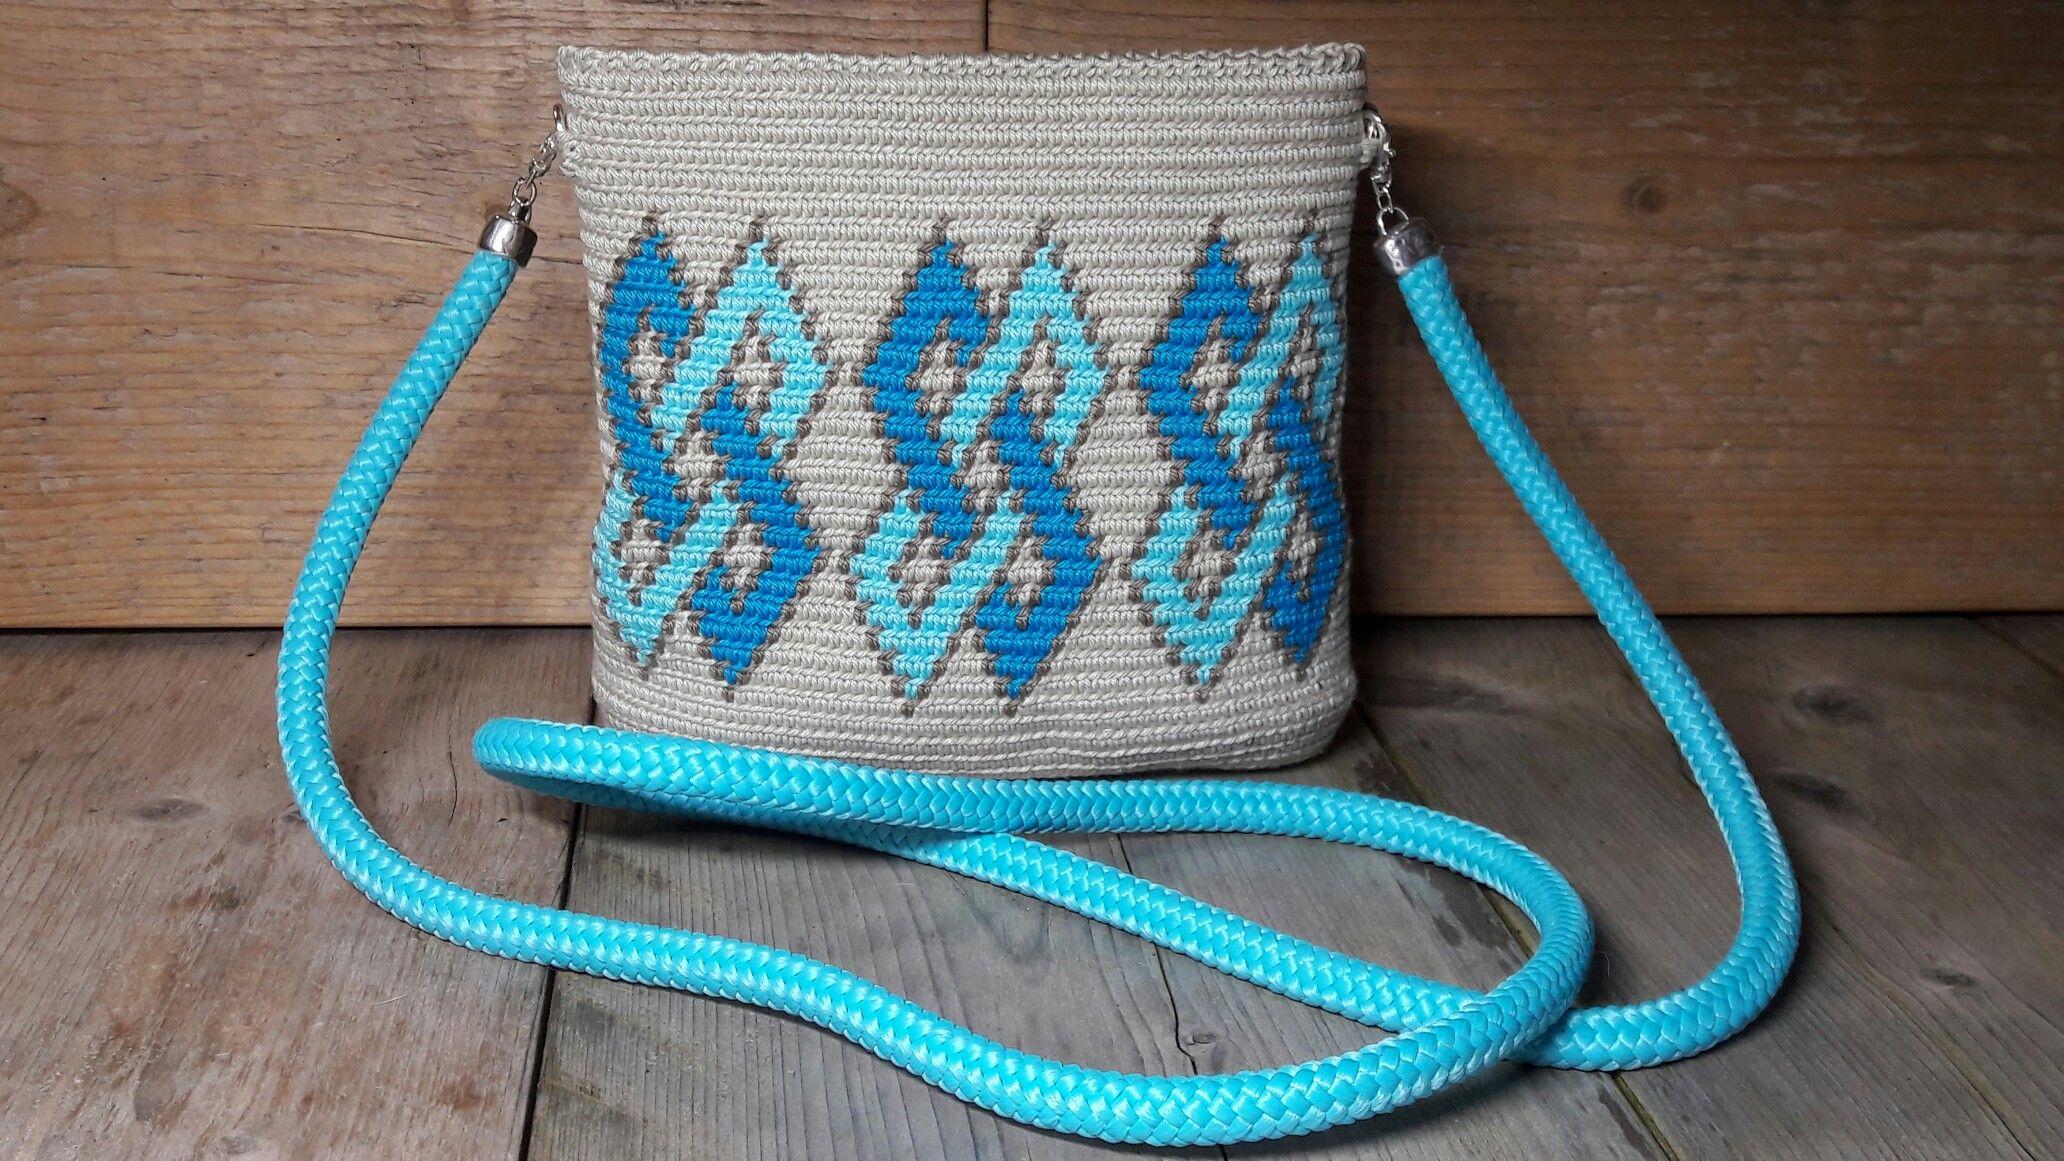 Mochila Ovaal Mini Wayuu Mochila Bag Tapestry Crochet Crochet